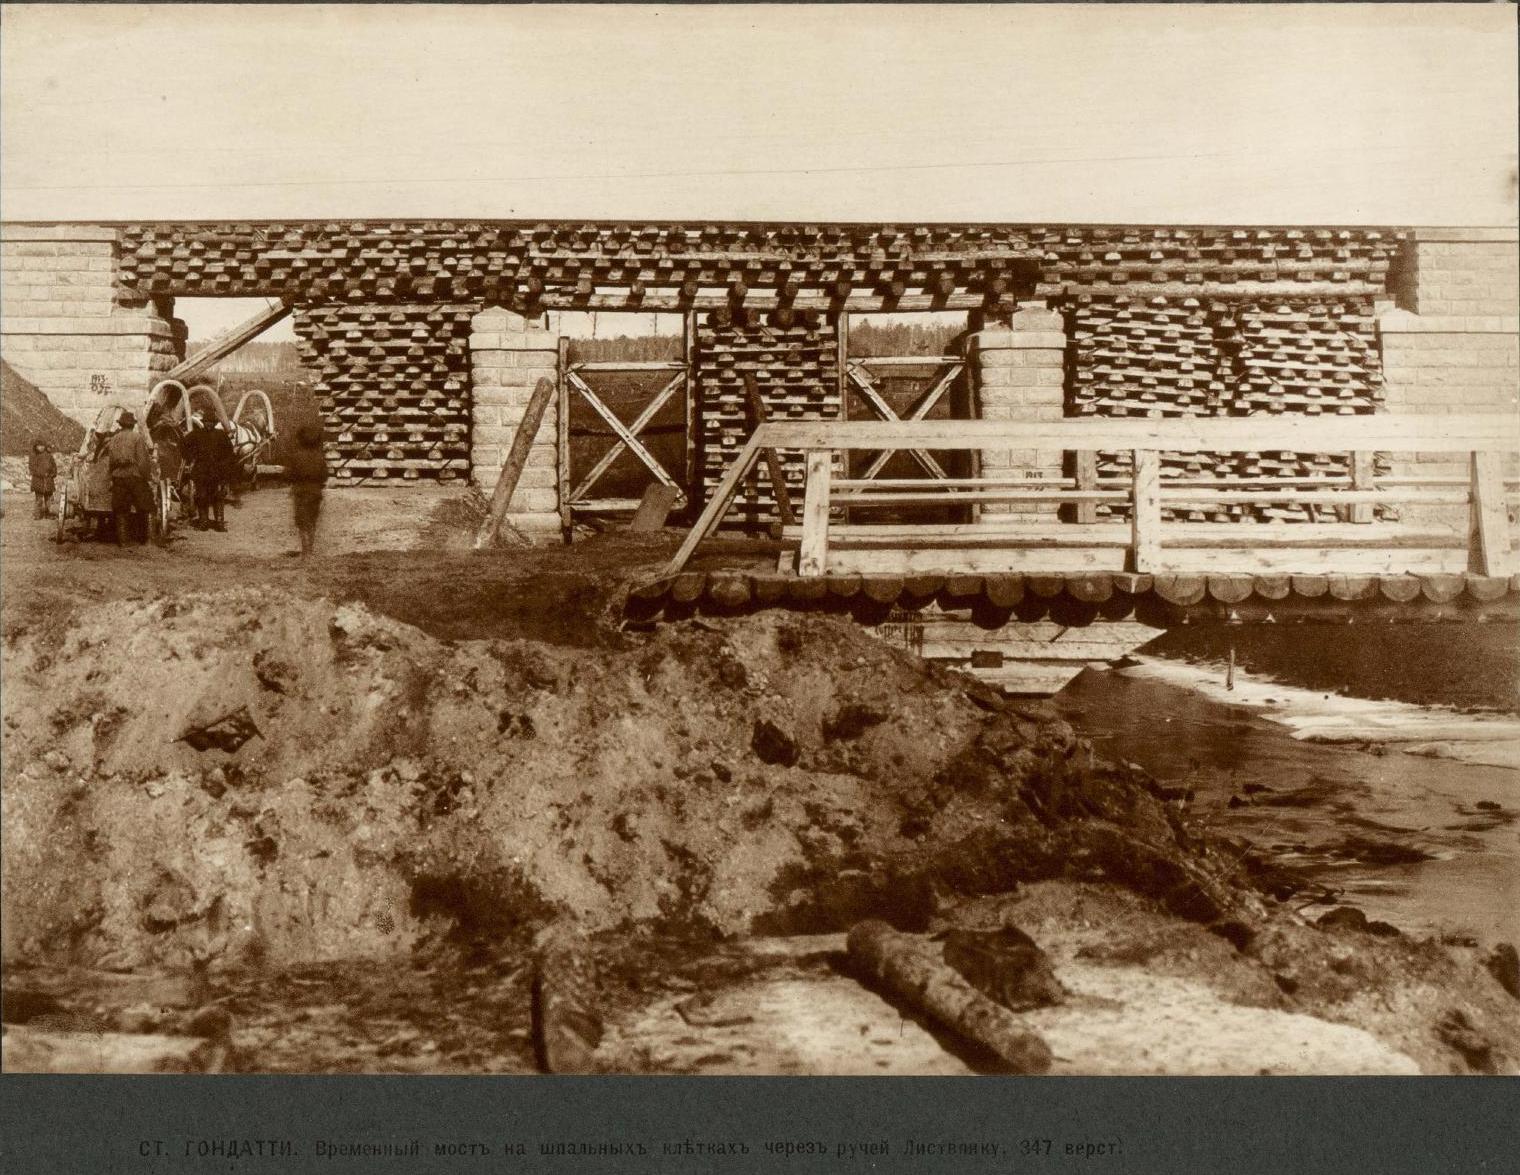 347 верста. Станция Гондатти. Временный мост на шпальных клетках через ручей Листвянку